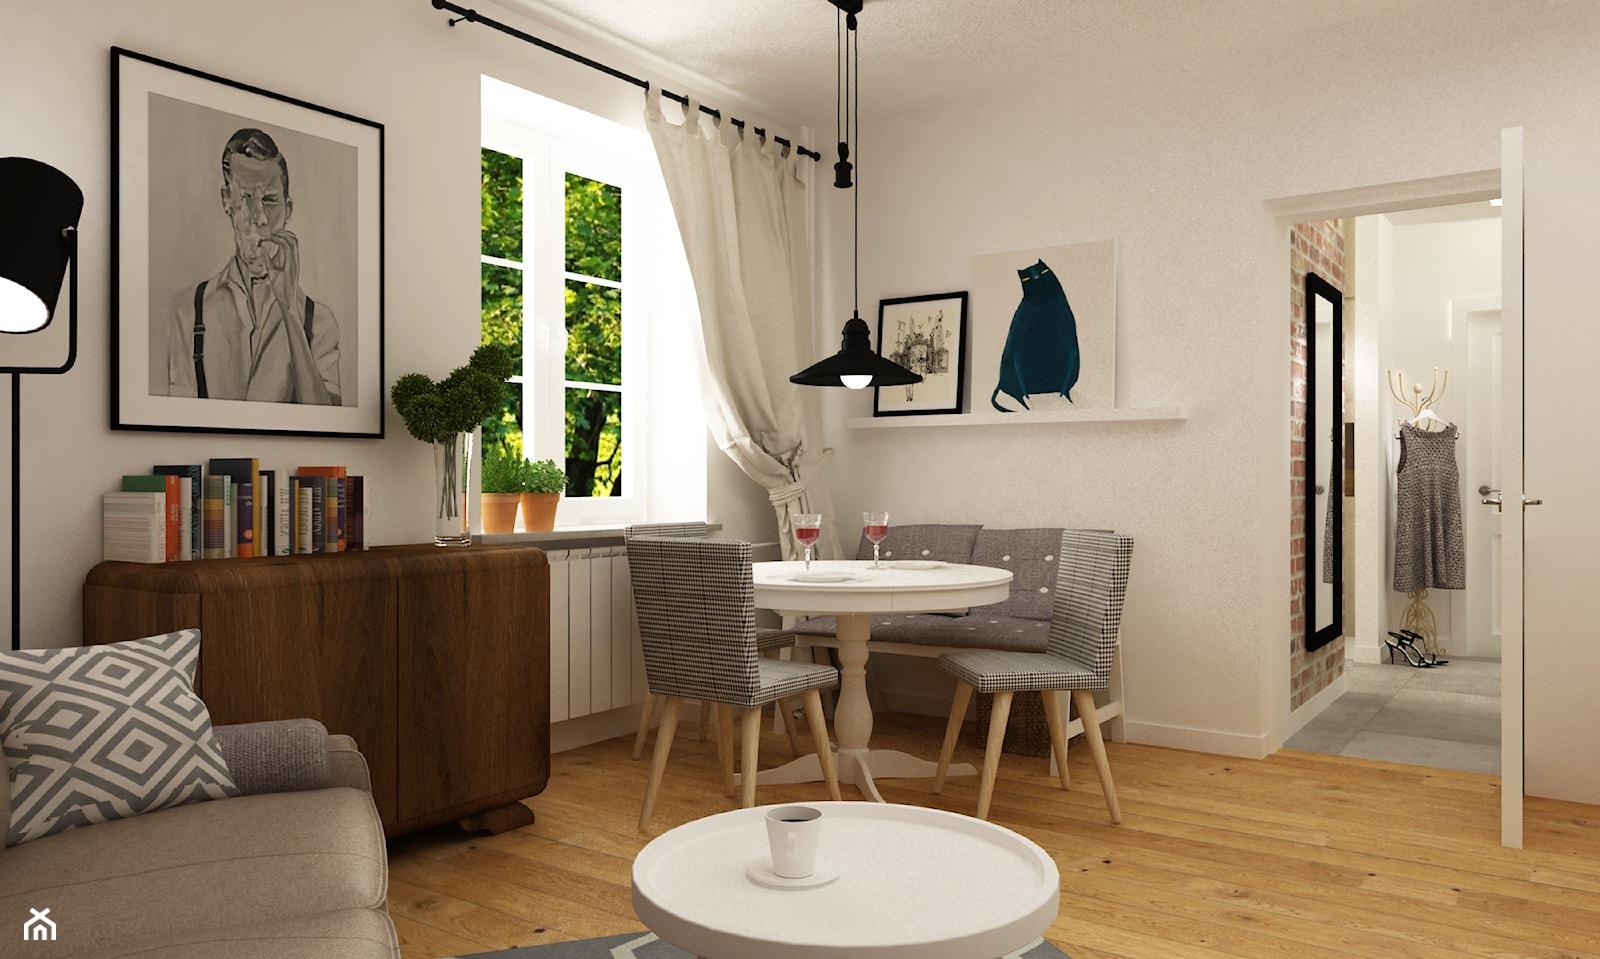 metamorfoza mieszkania 50 m2 w kamienicy - Średni biały salon z jadalnią, styl skandynawski - zdjęcie od Grafika i Projekt architektura wnętrz - Homebook